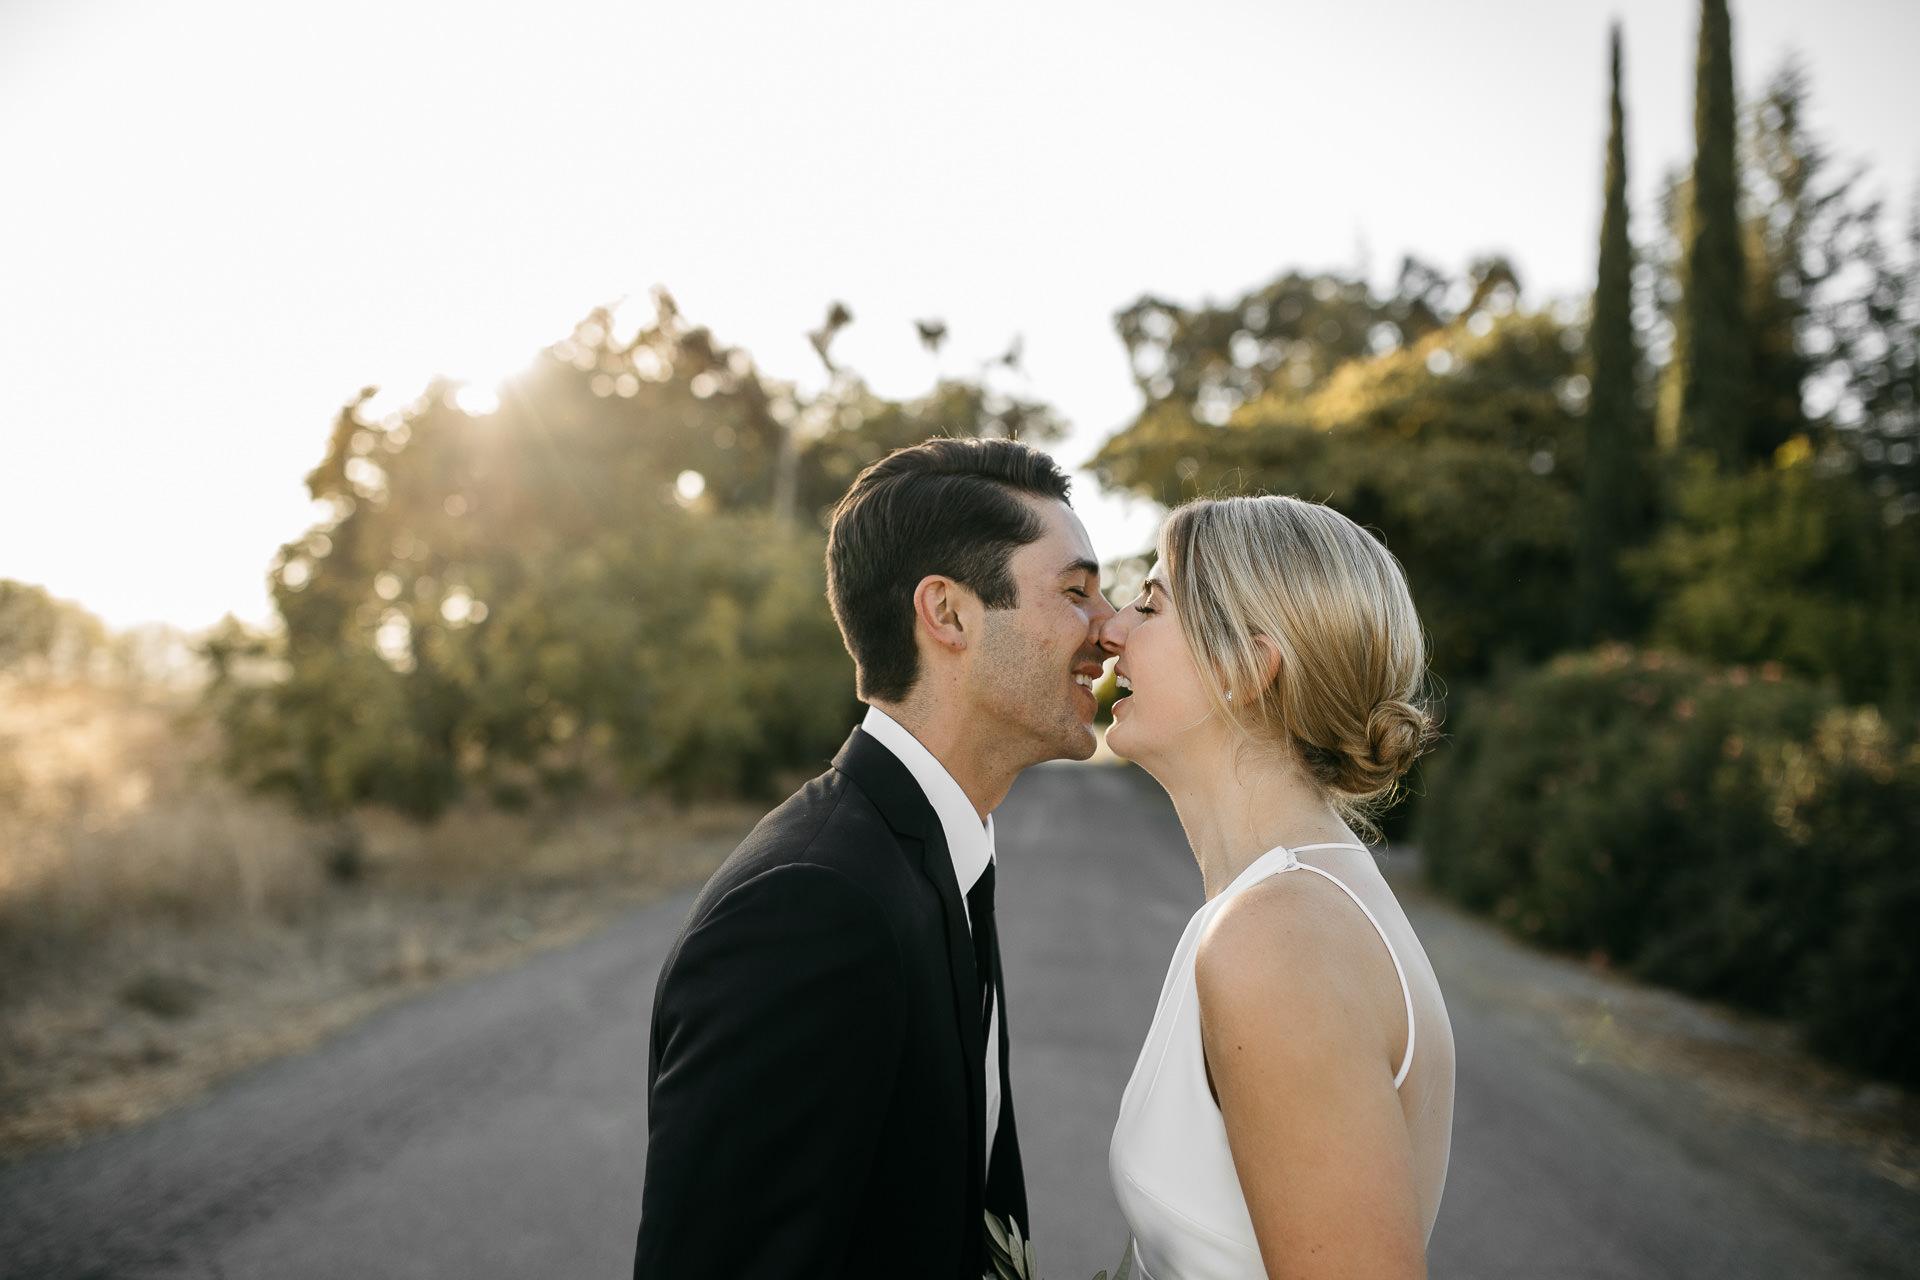 lauren_graham_wedding_california_park_winters_jeanlaurentgaudy_062